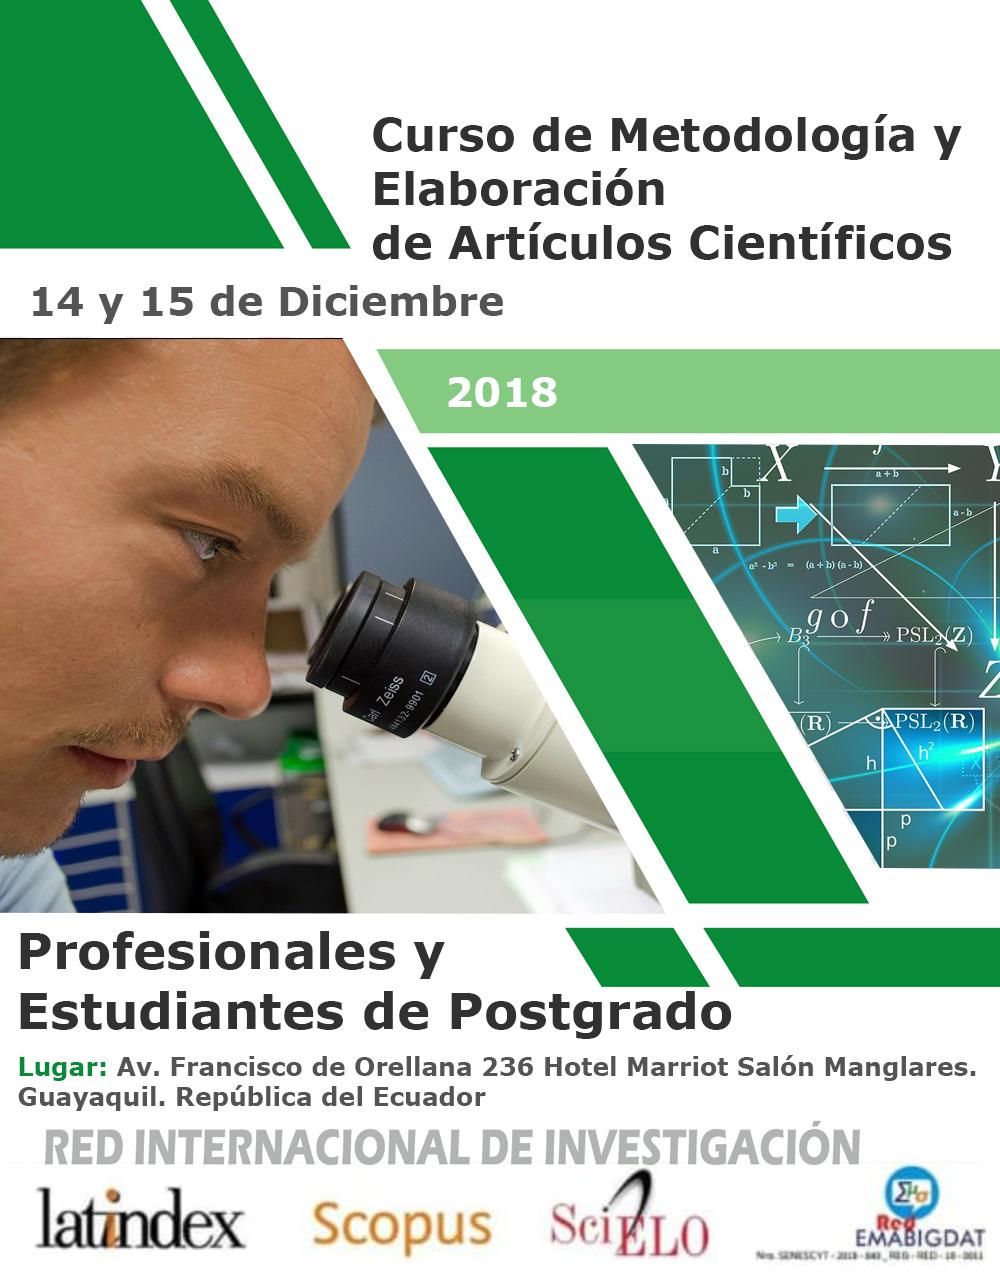 Curso de Metodología de la Investigación y Elaboración de Artículos Científicos